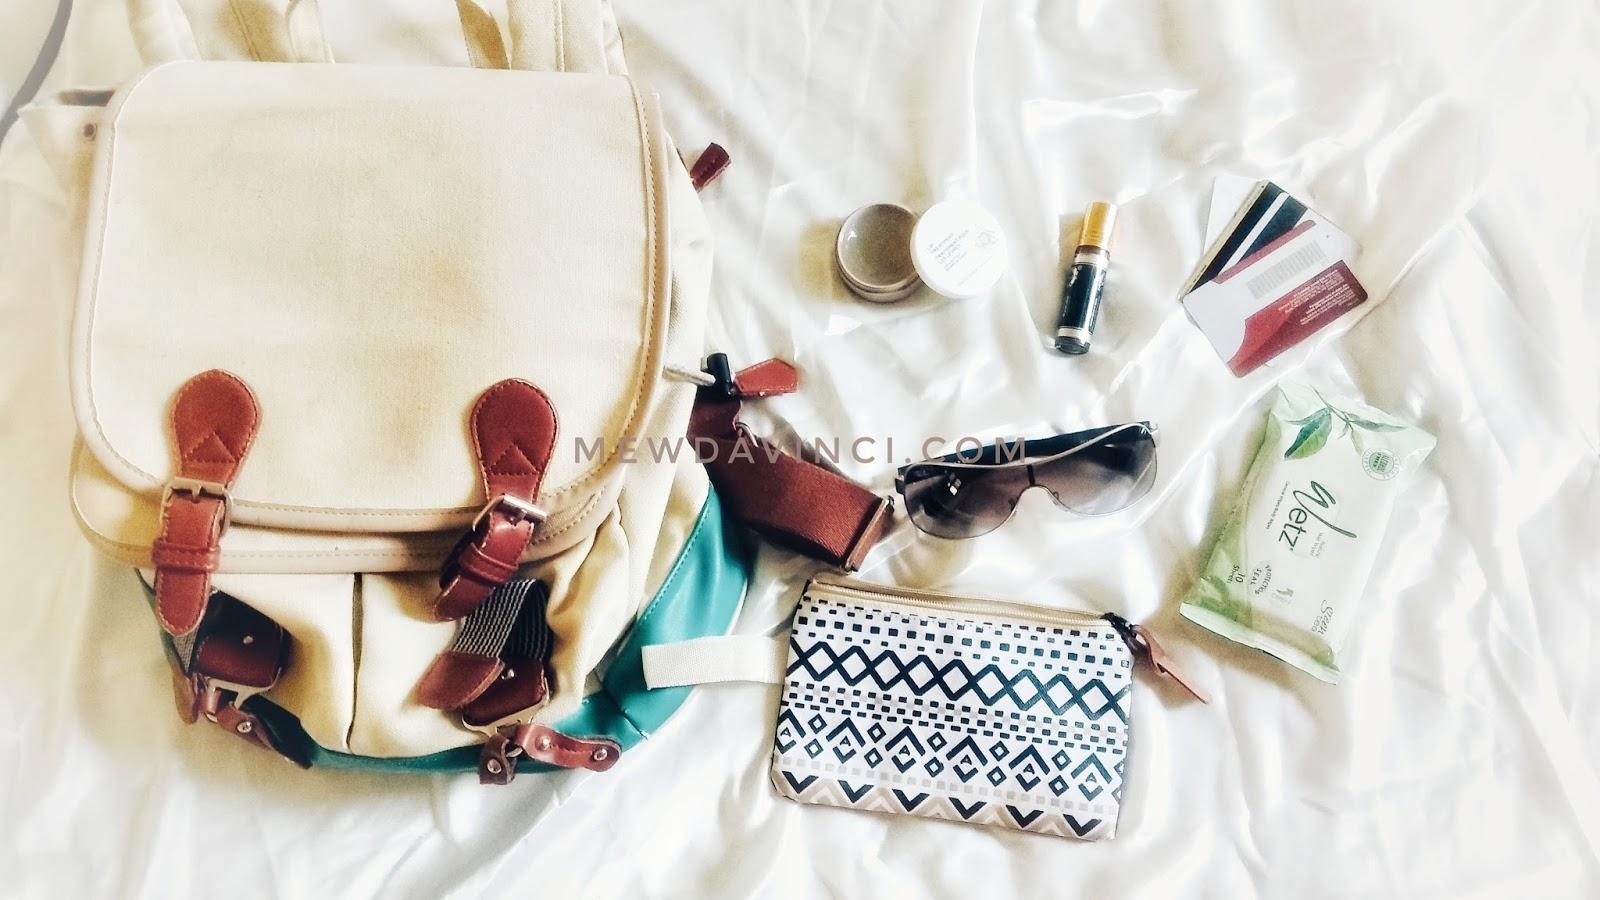 Barang-barang bawaan untuk travel umroh